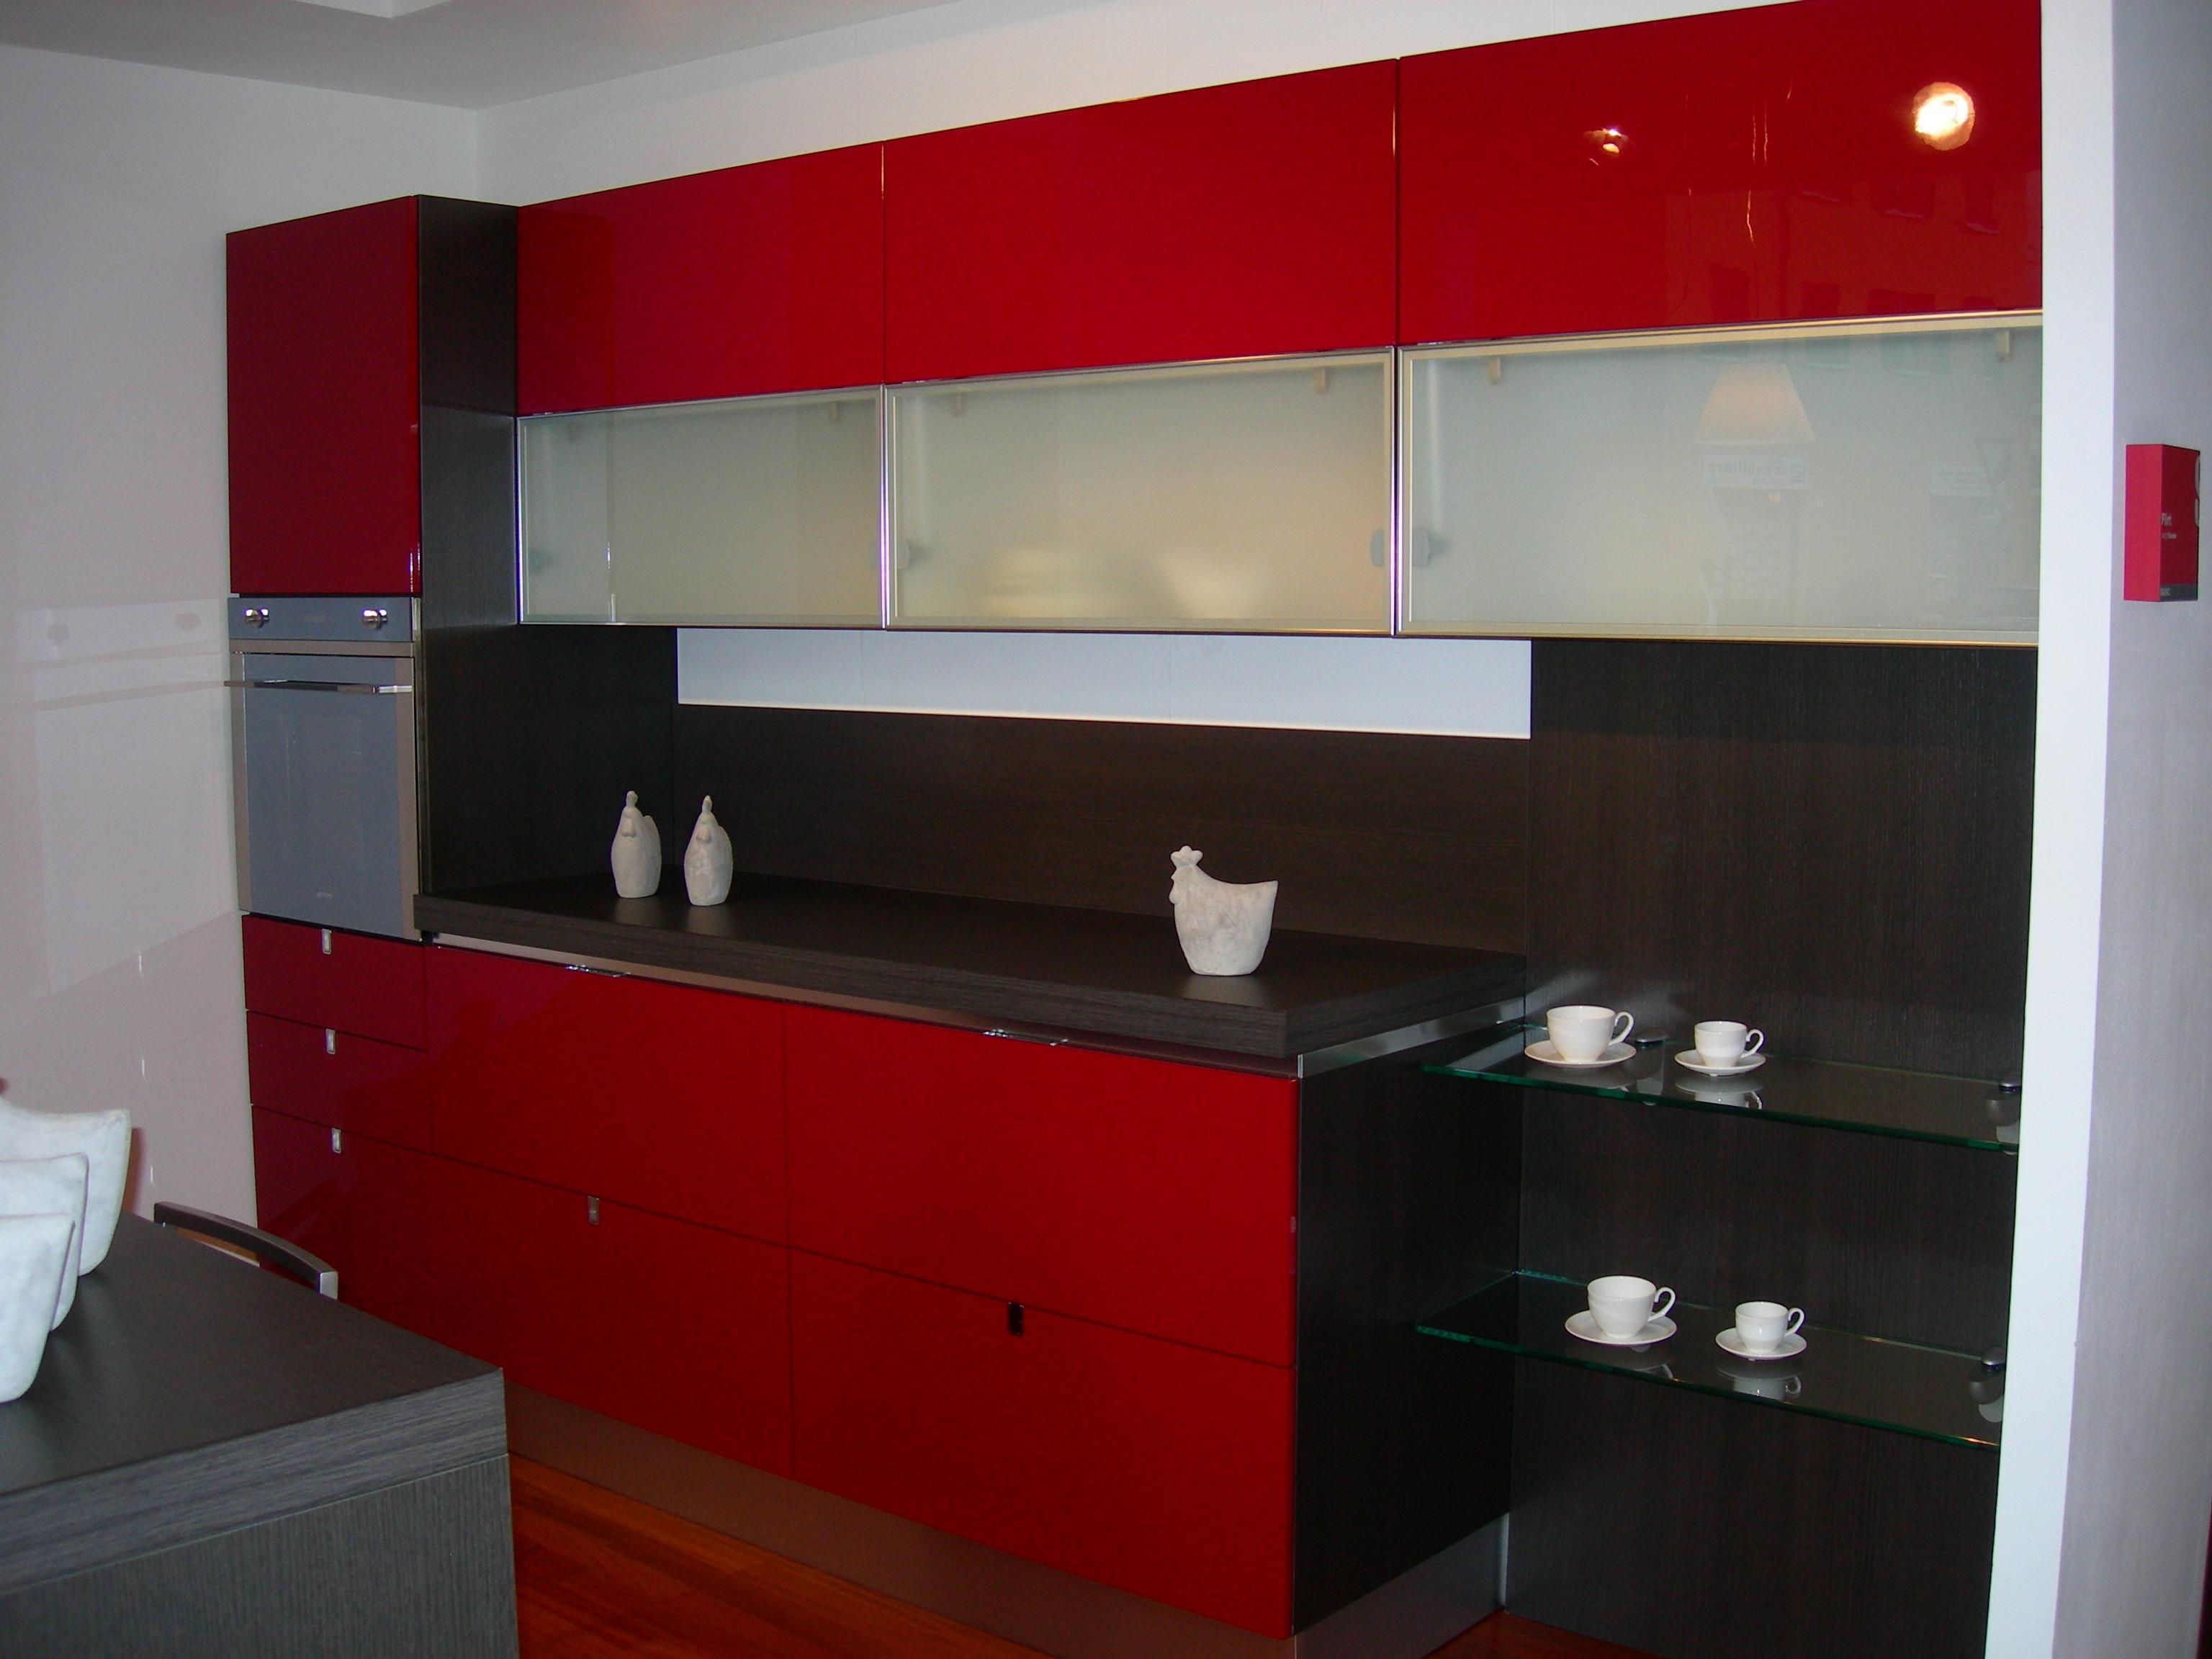 cucina rossa arredamento cucina : Cucina Scavolini Flirt Rossa in offerta - Cucine a prezzi scontati